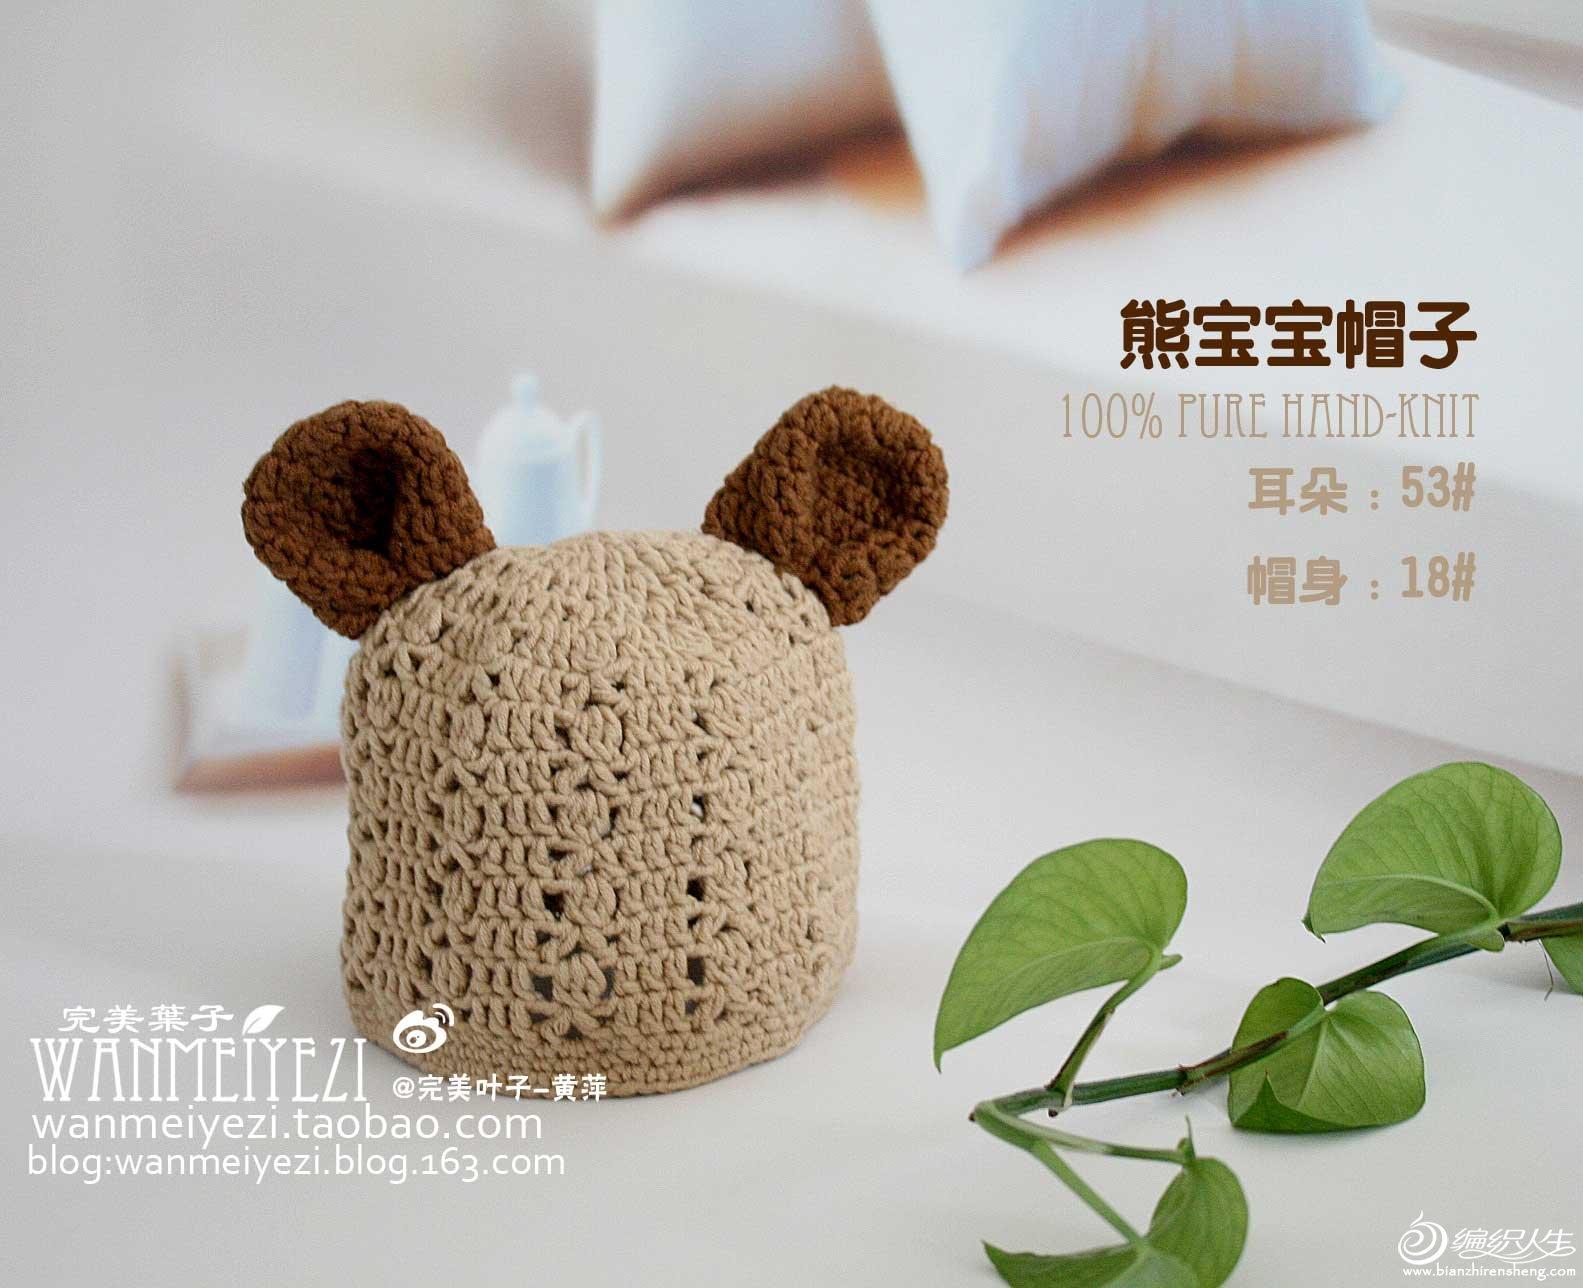 完美叶子-小熊帽子